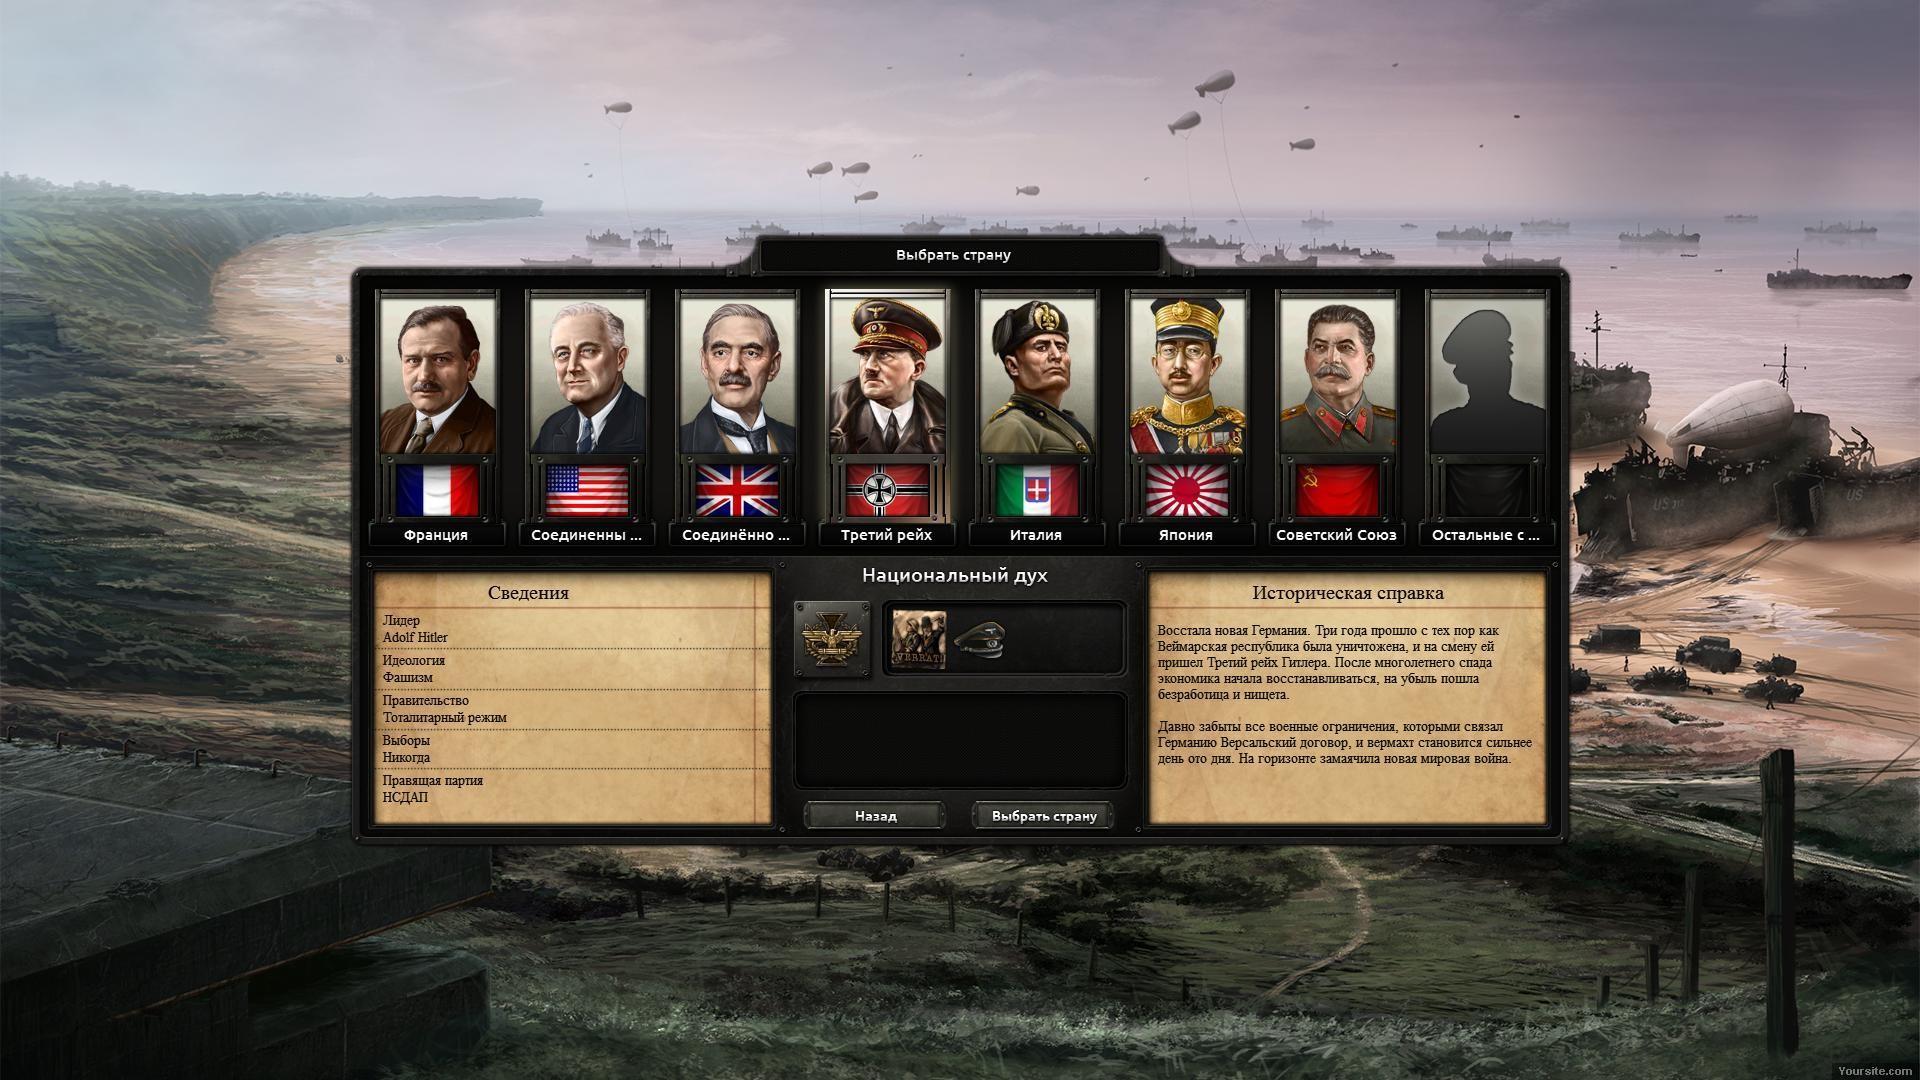 Стратегии про 2 мировую войну на пк скачать торрент